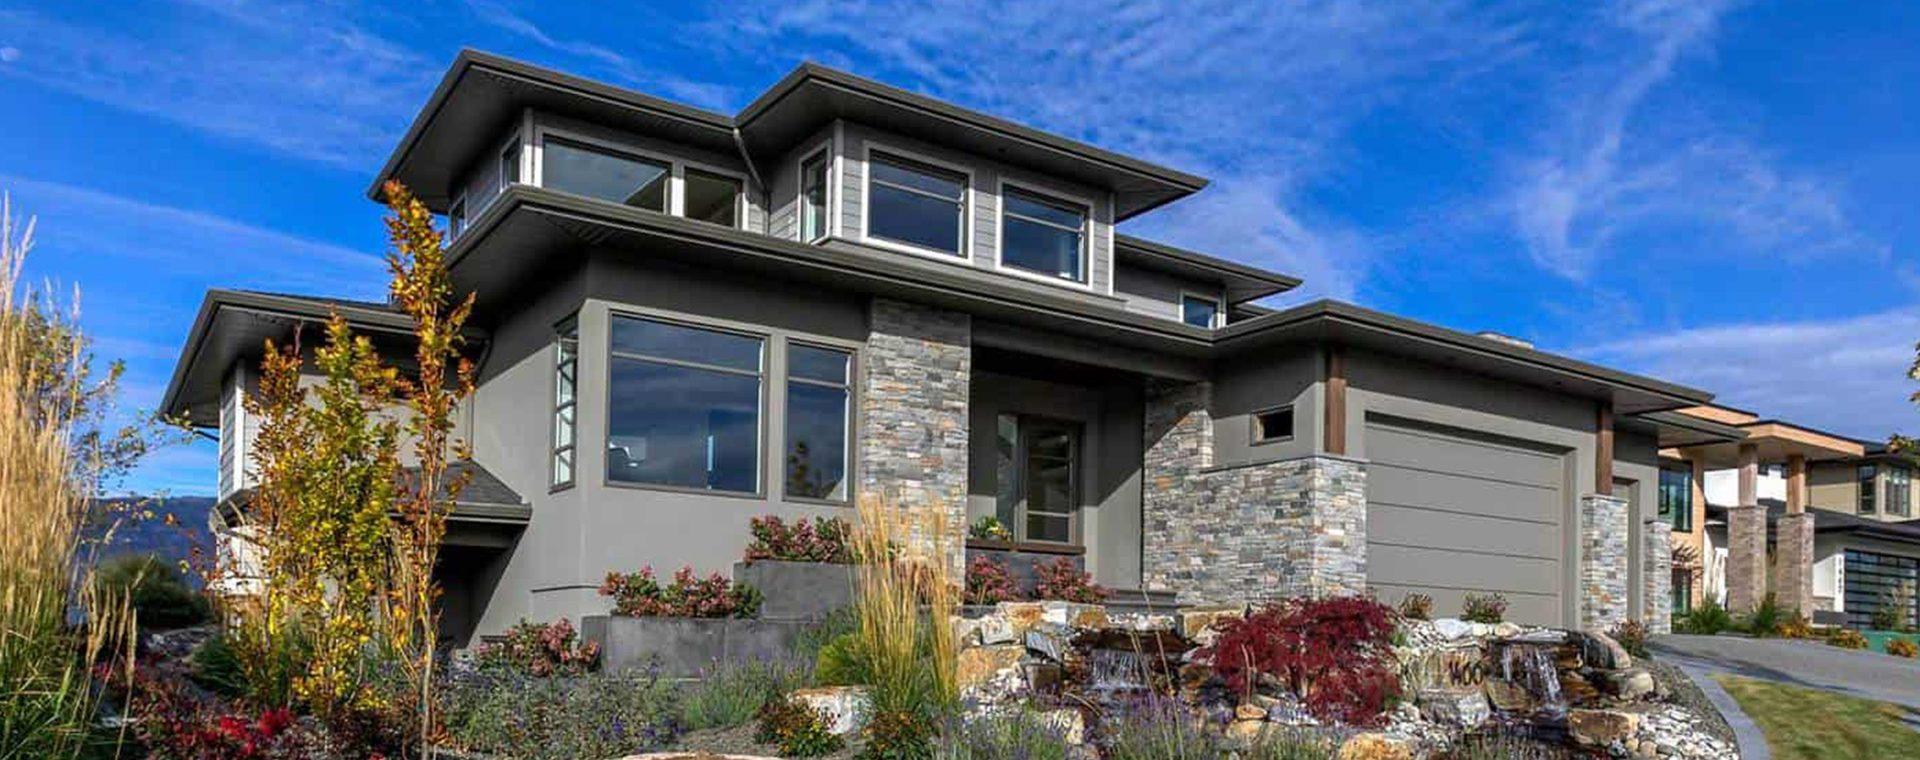 Authentech Homes: Award Winning Homes Since 1991